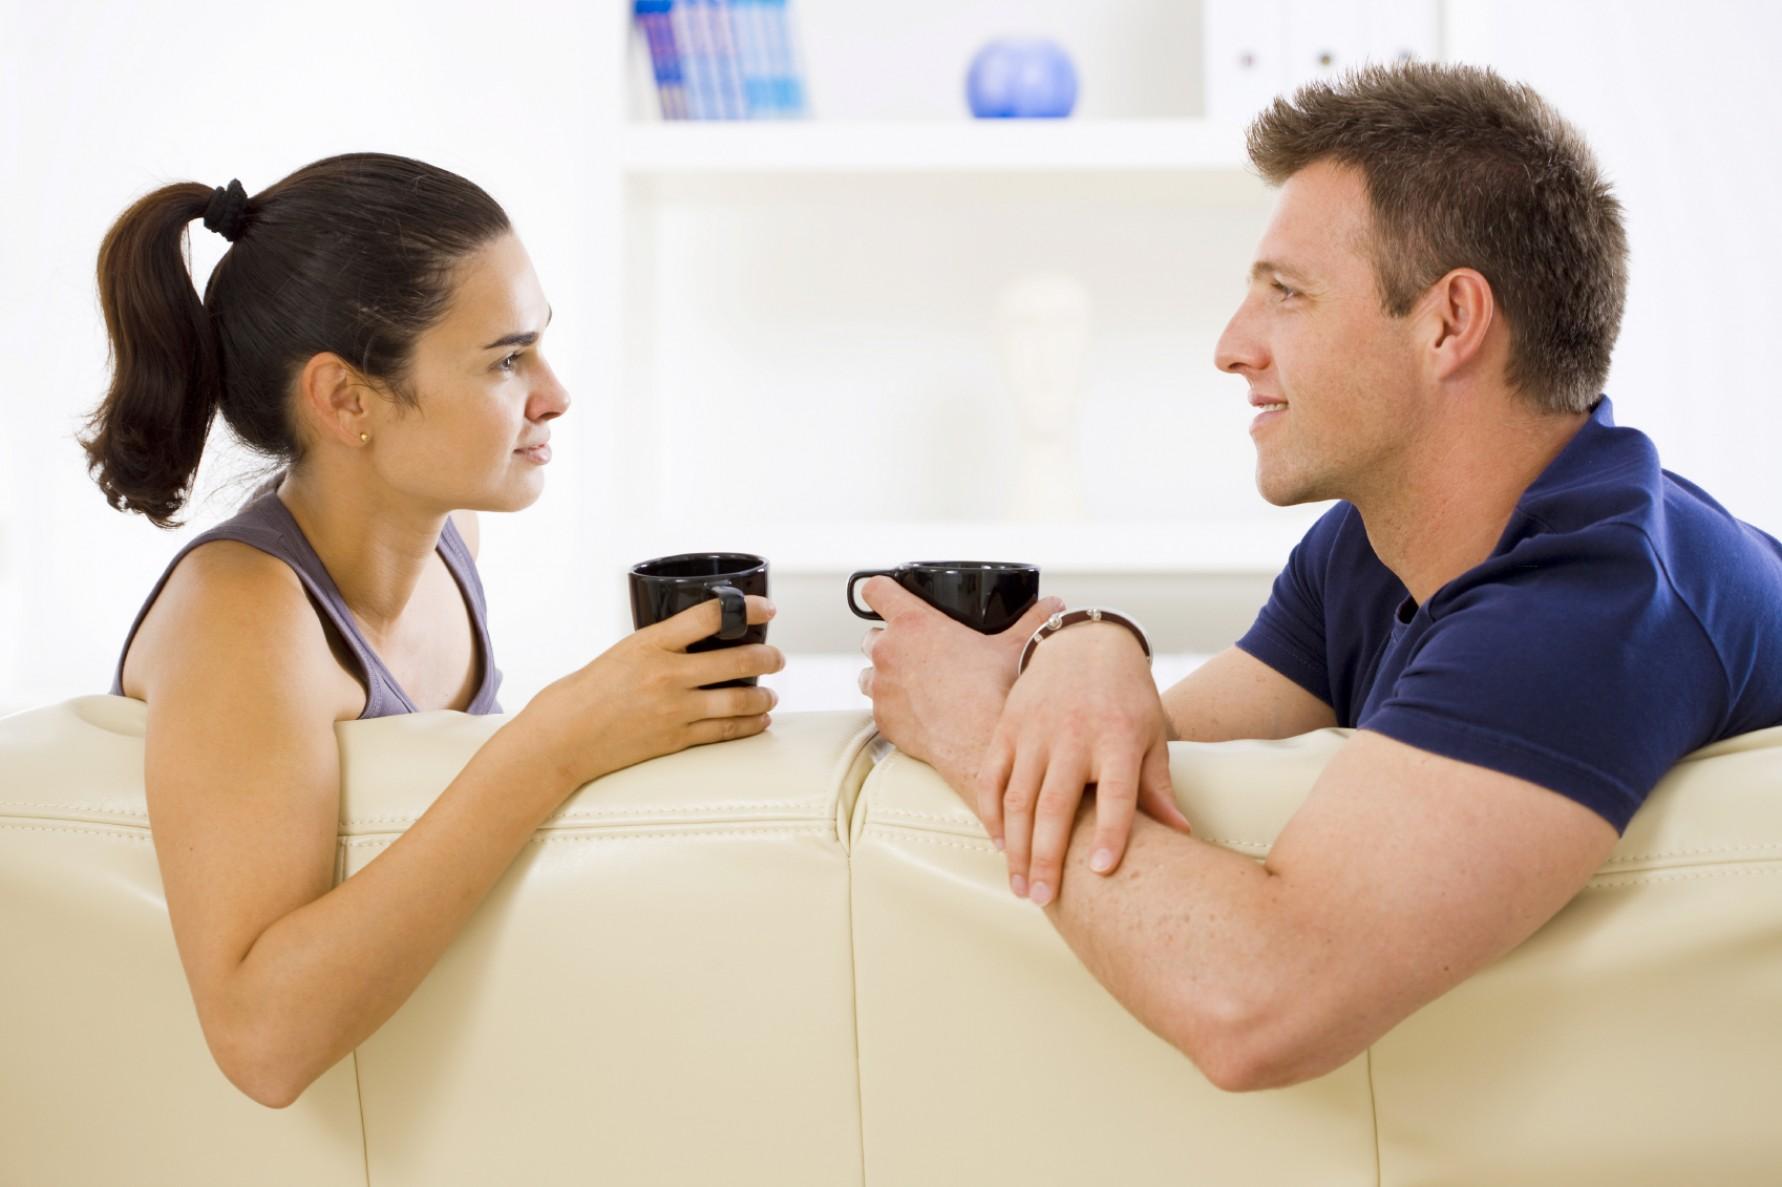 Советы по достижению взаимопонимания